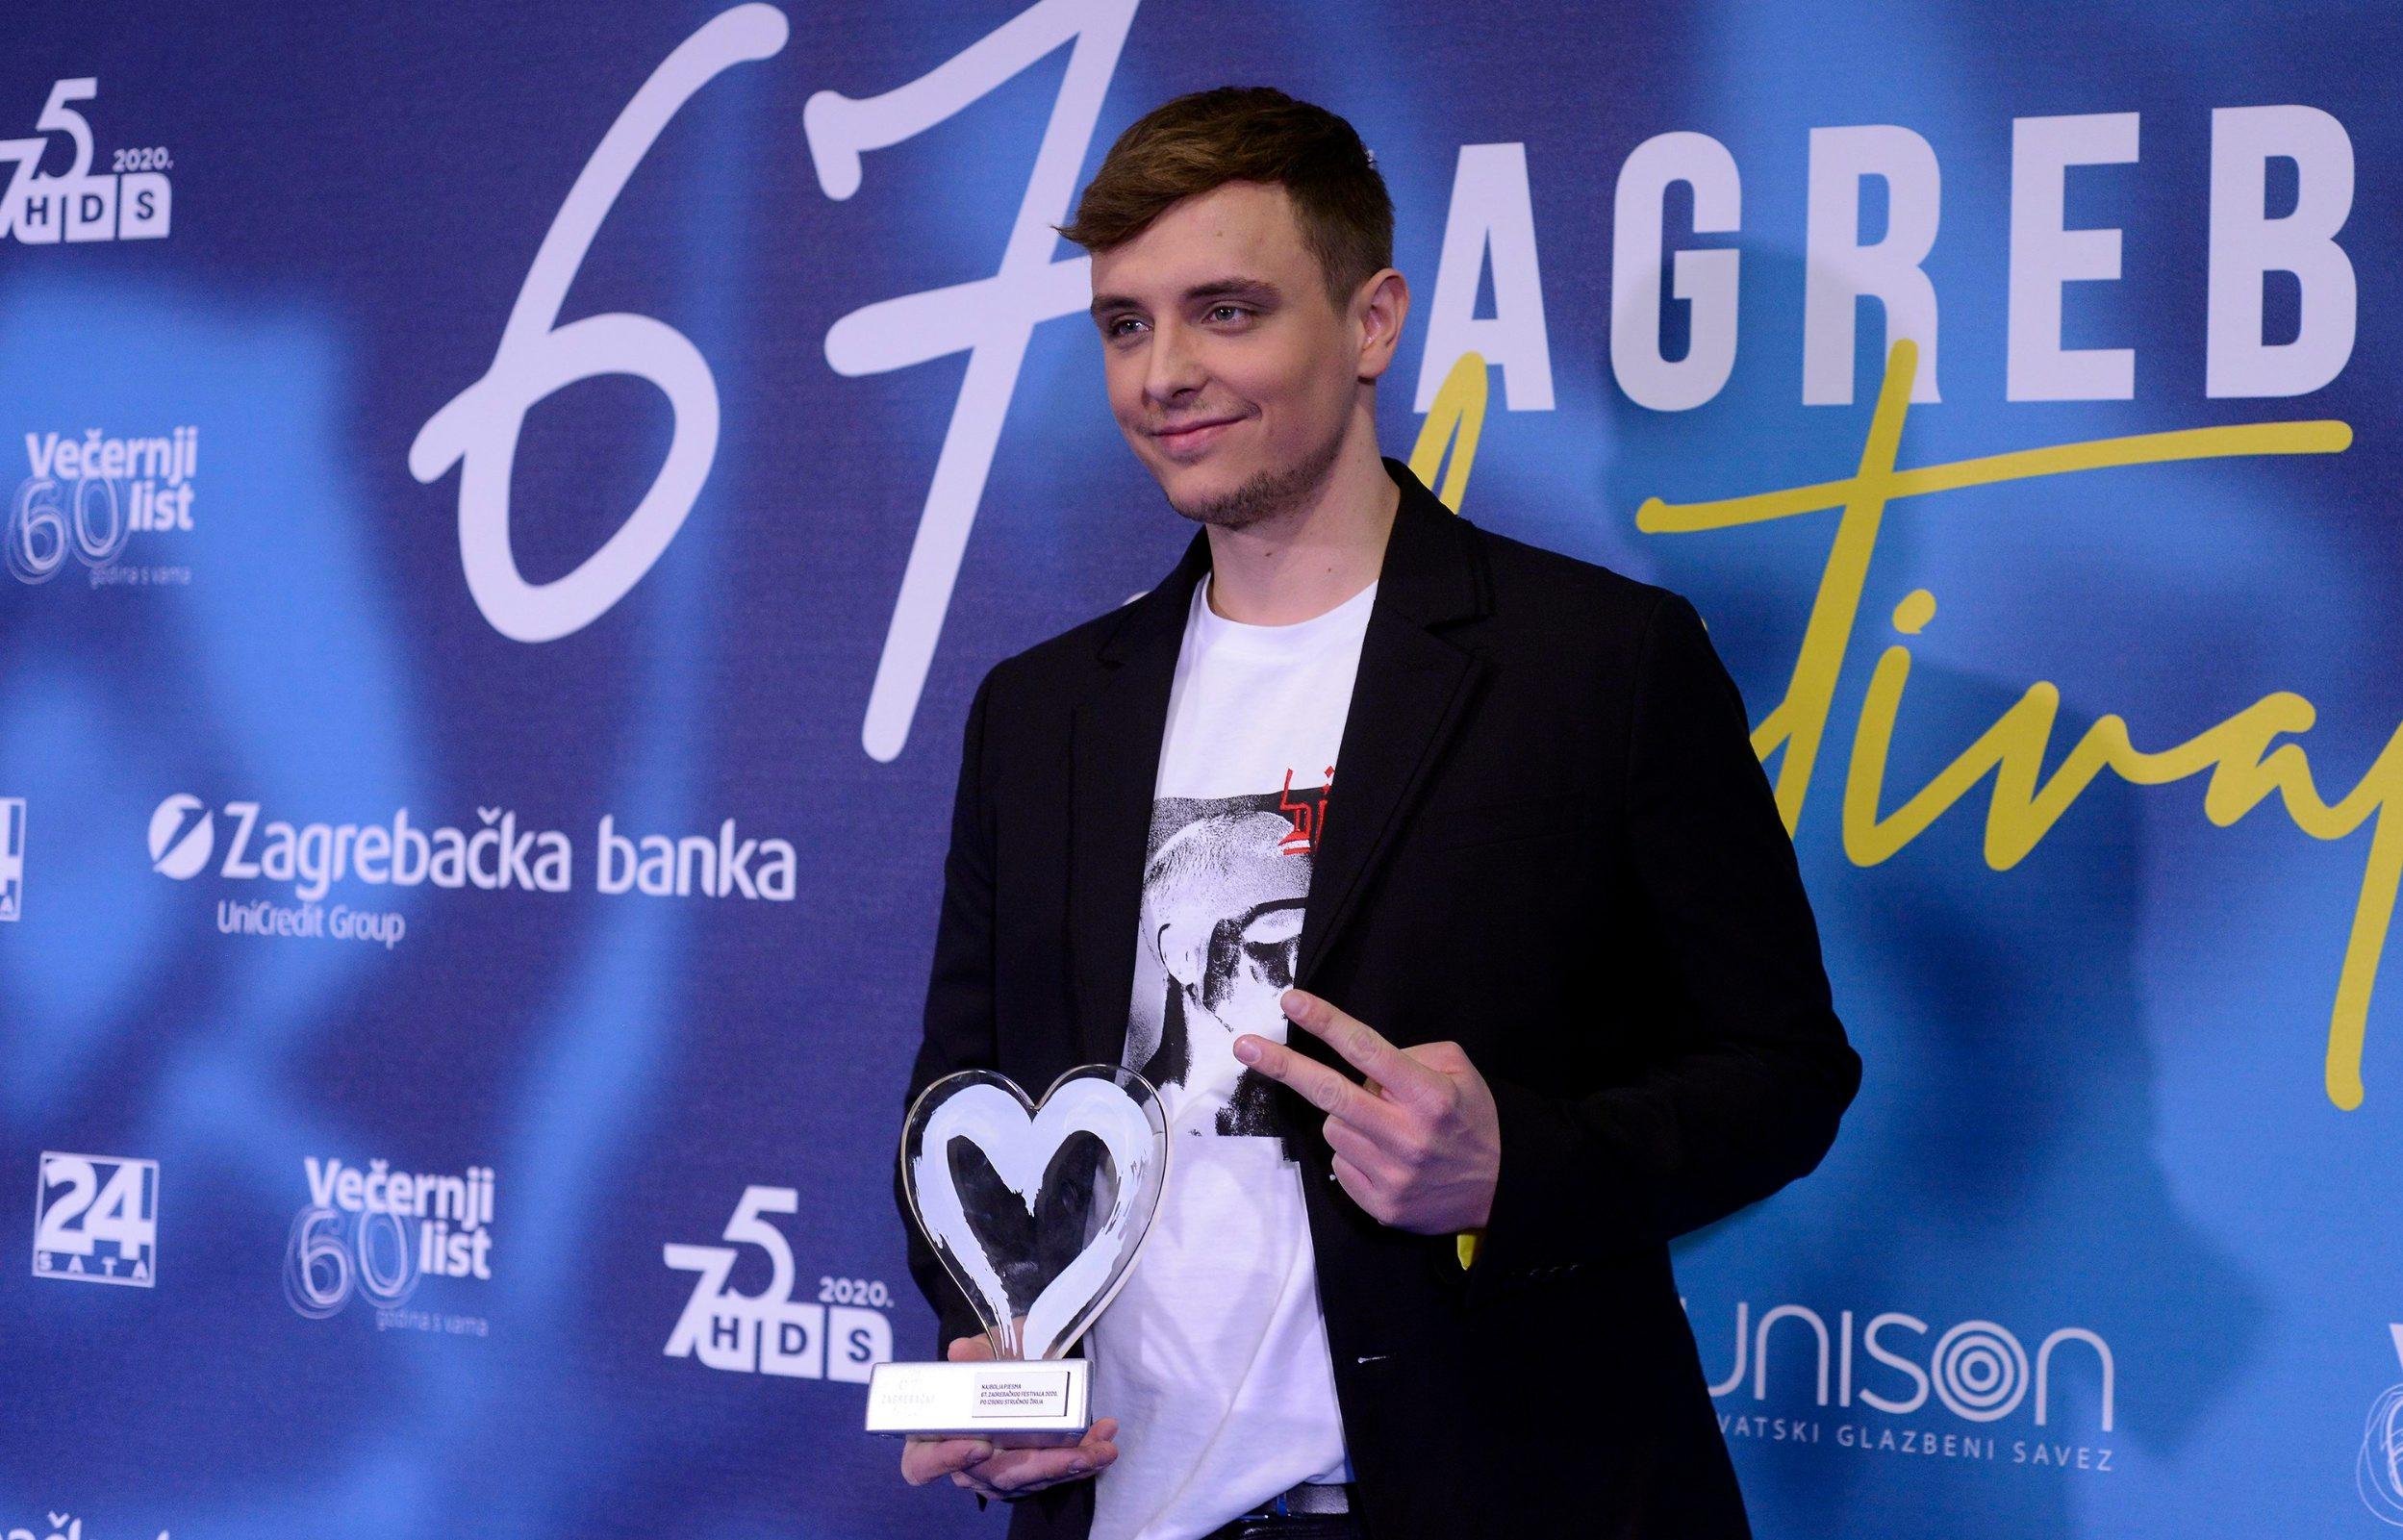 Jutarnji List Foto Marko Kutlic Je Pobjednik 67 Zagrebackog